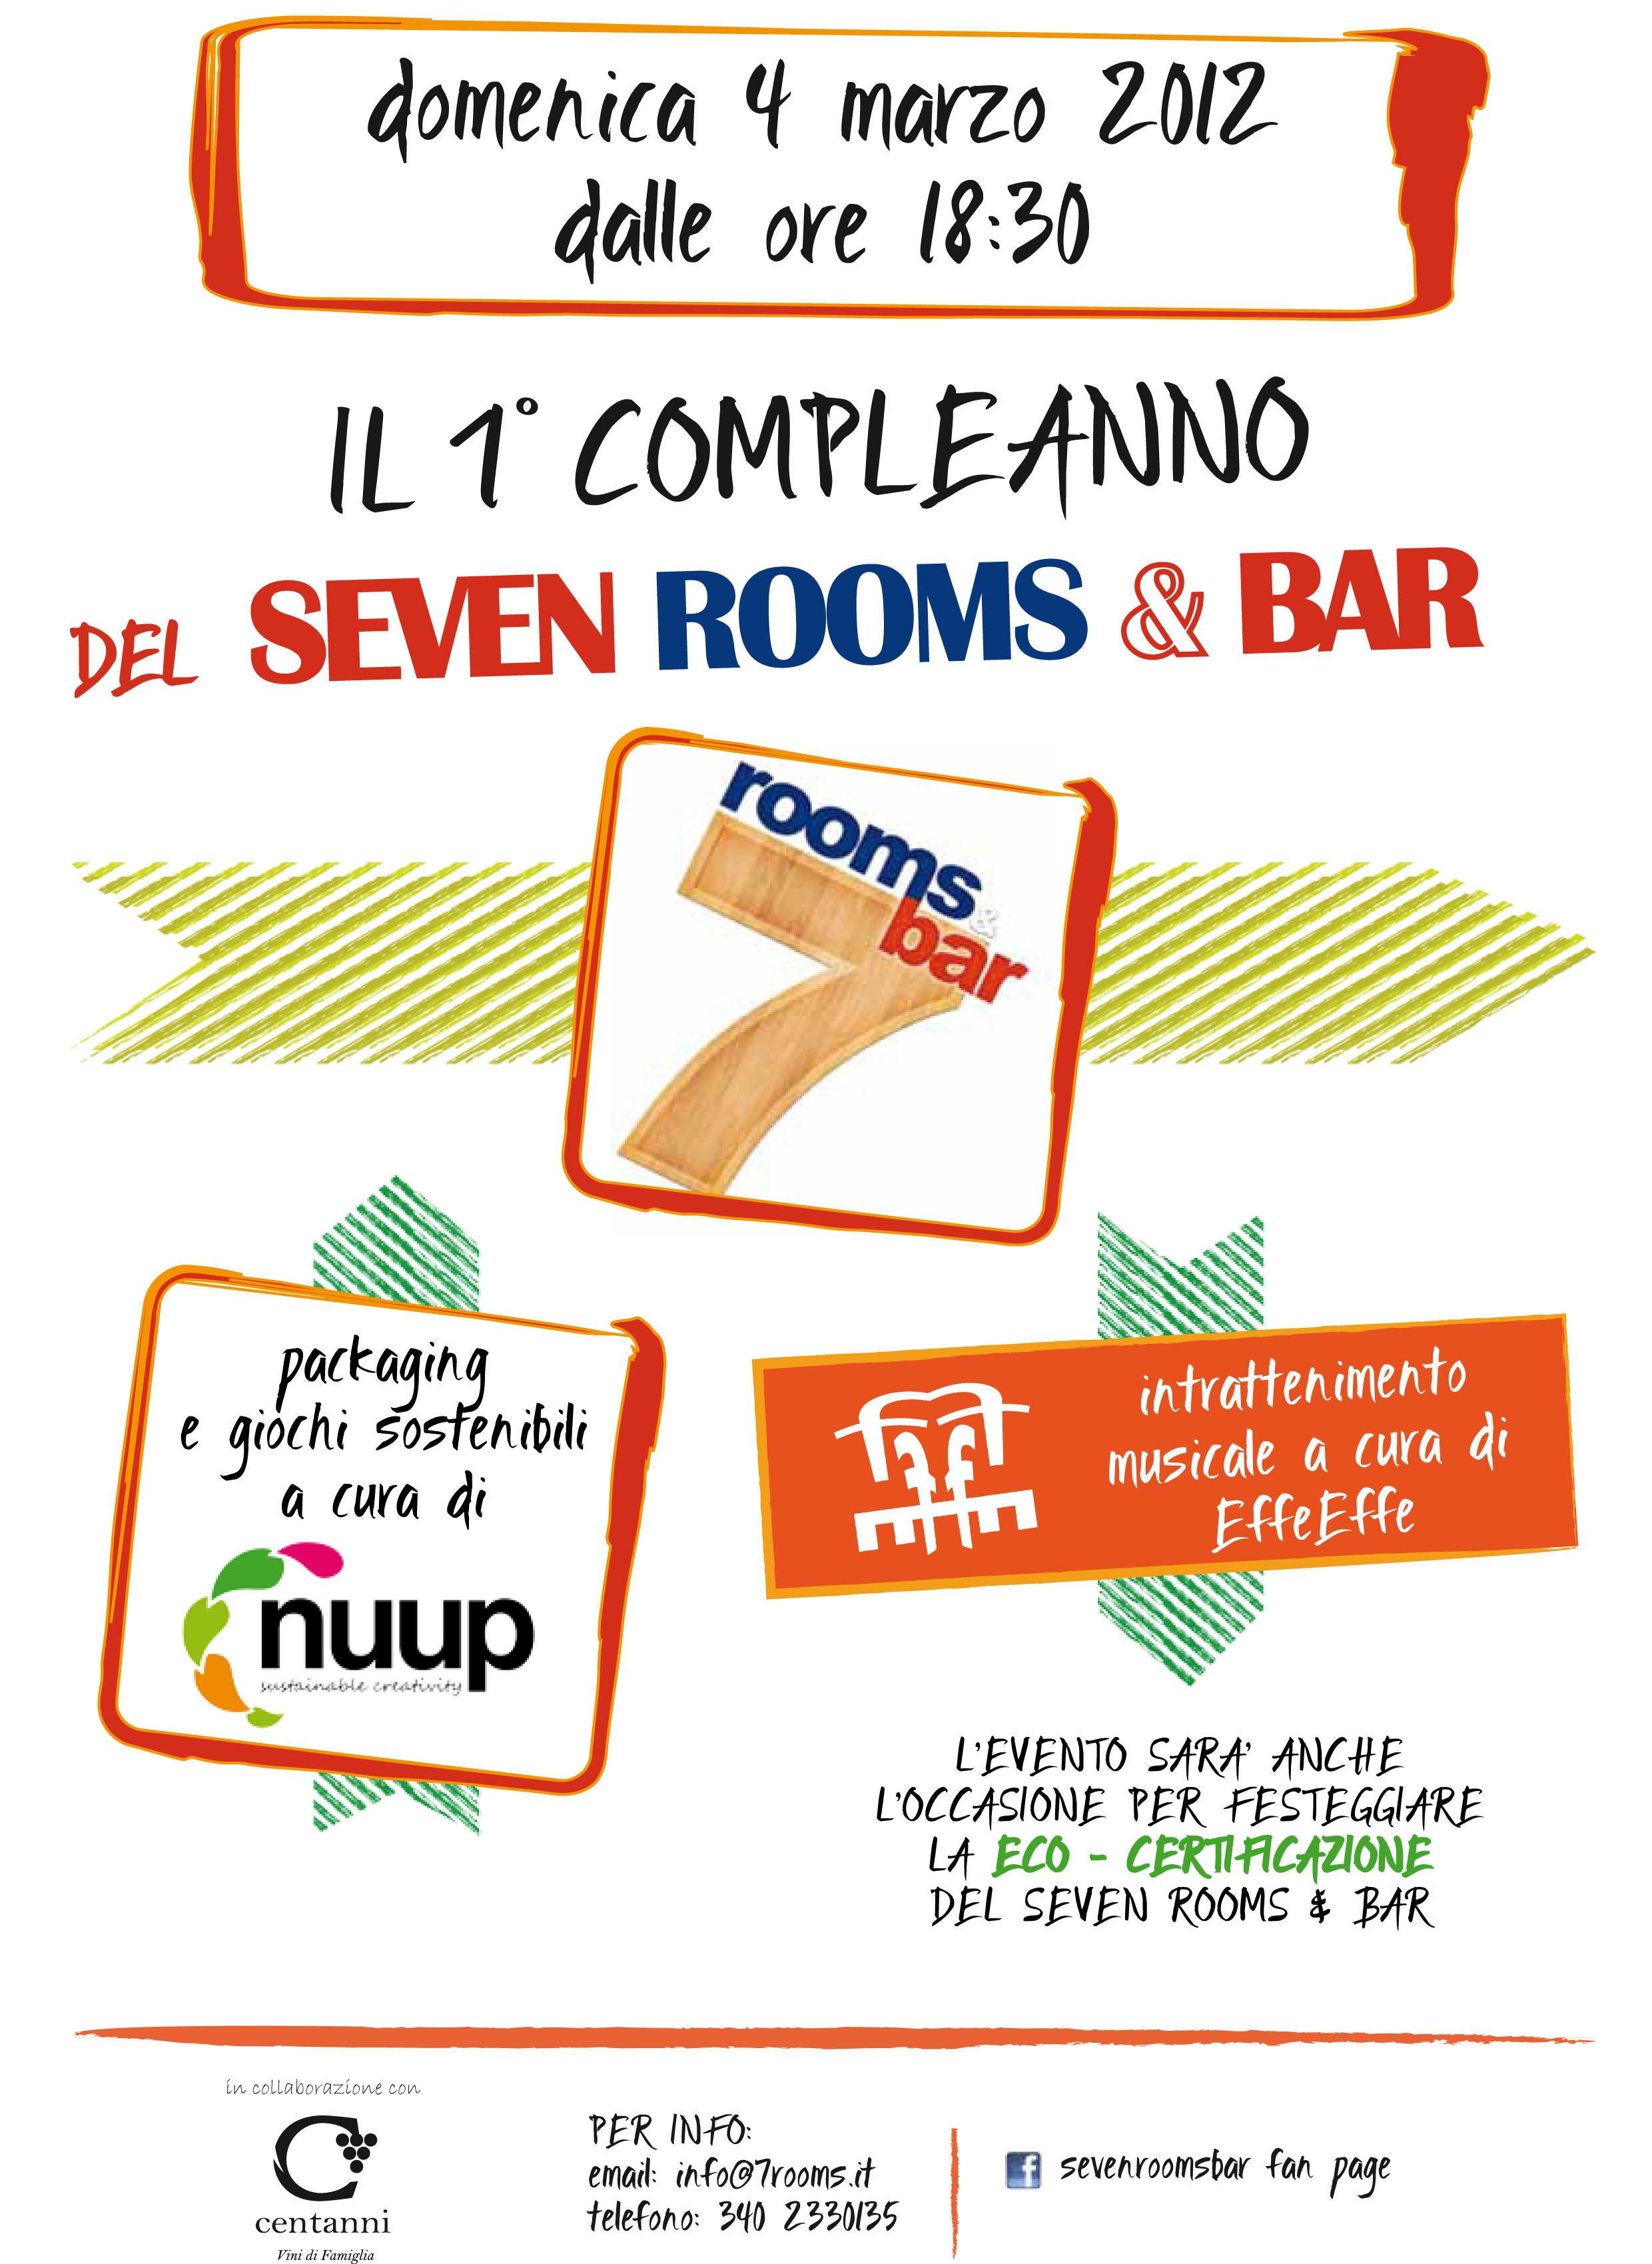 La locandina per il compleanno del 7 Rooms & Bar